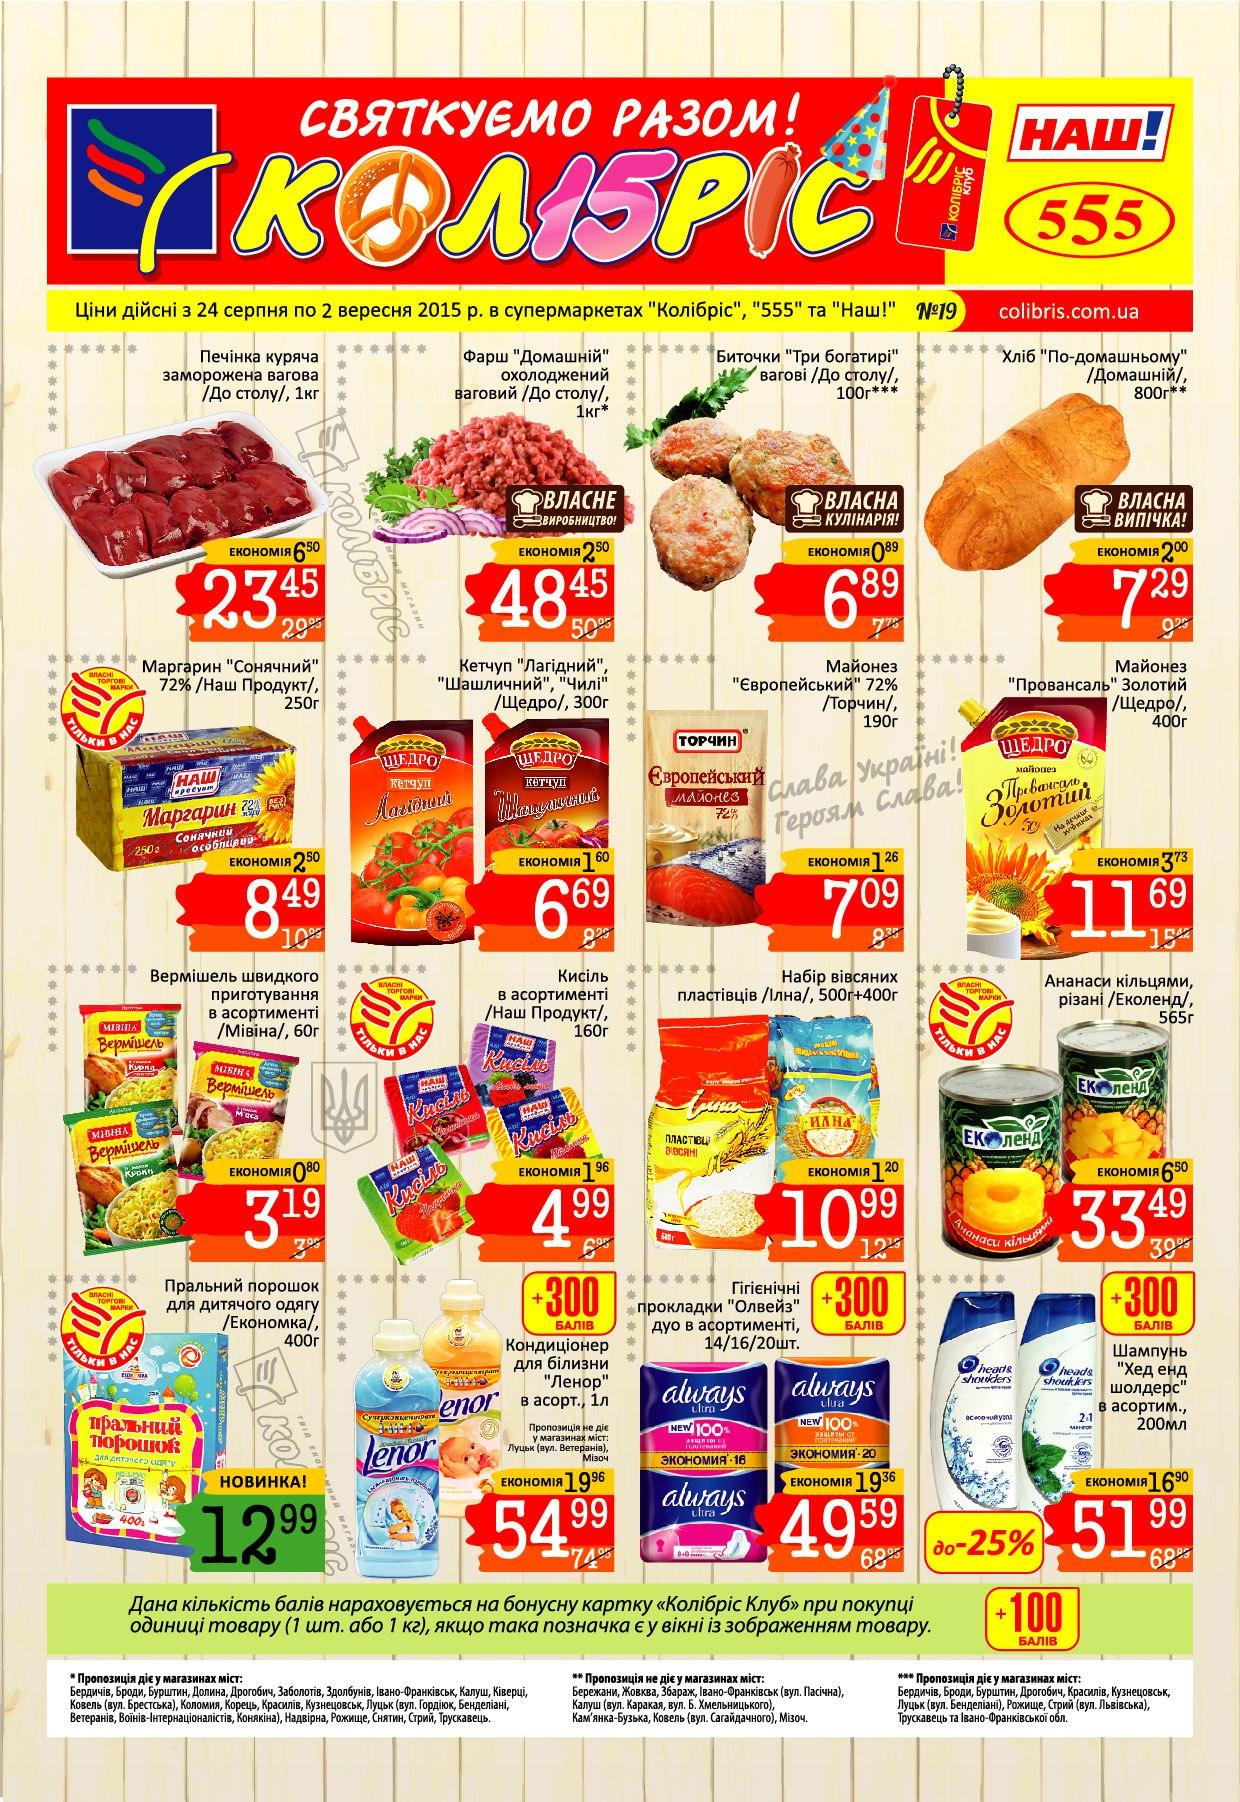 Ціни з 24 серпня по 2 вересня